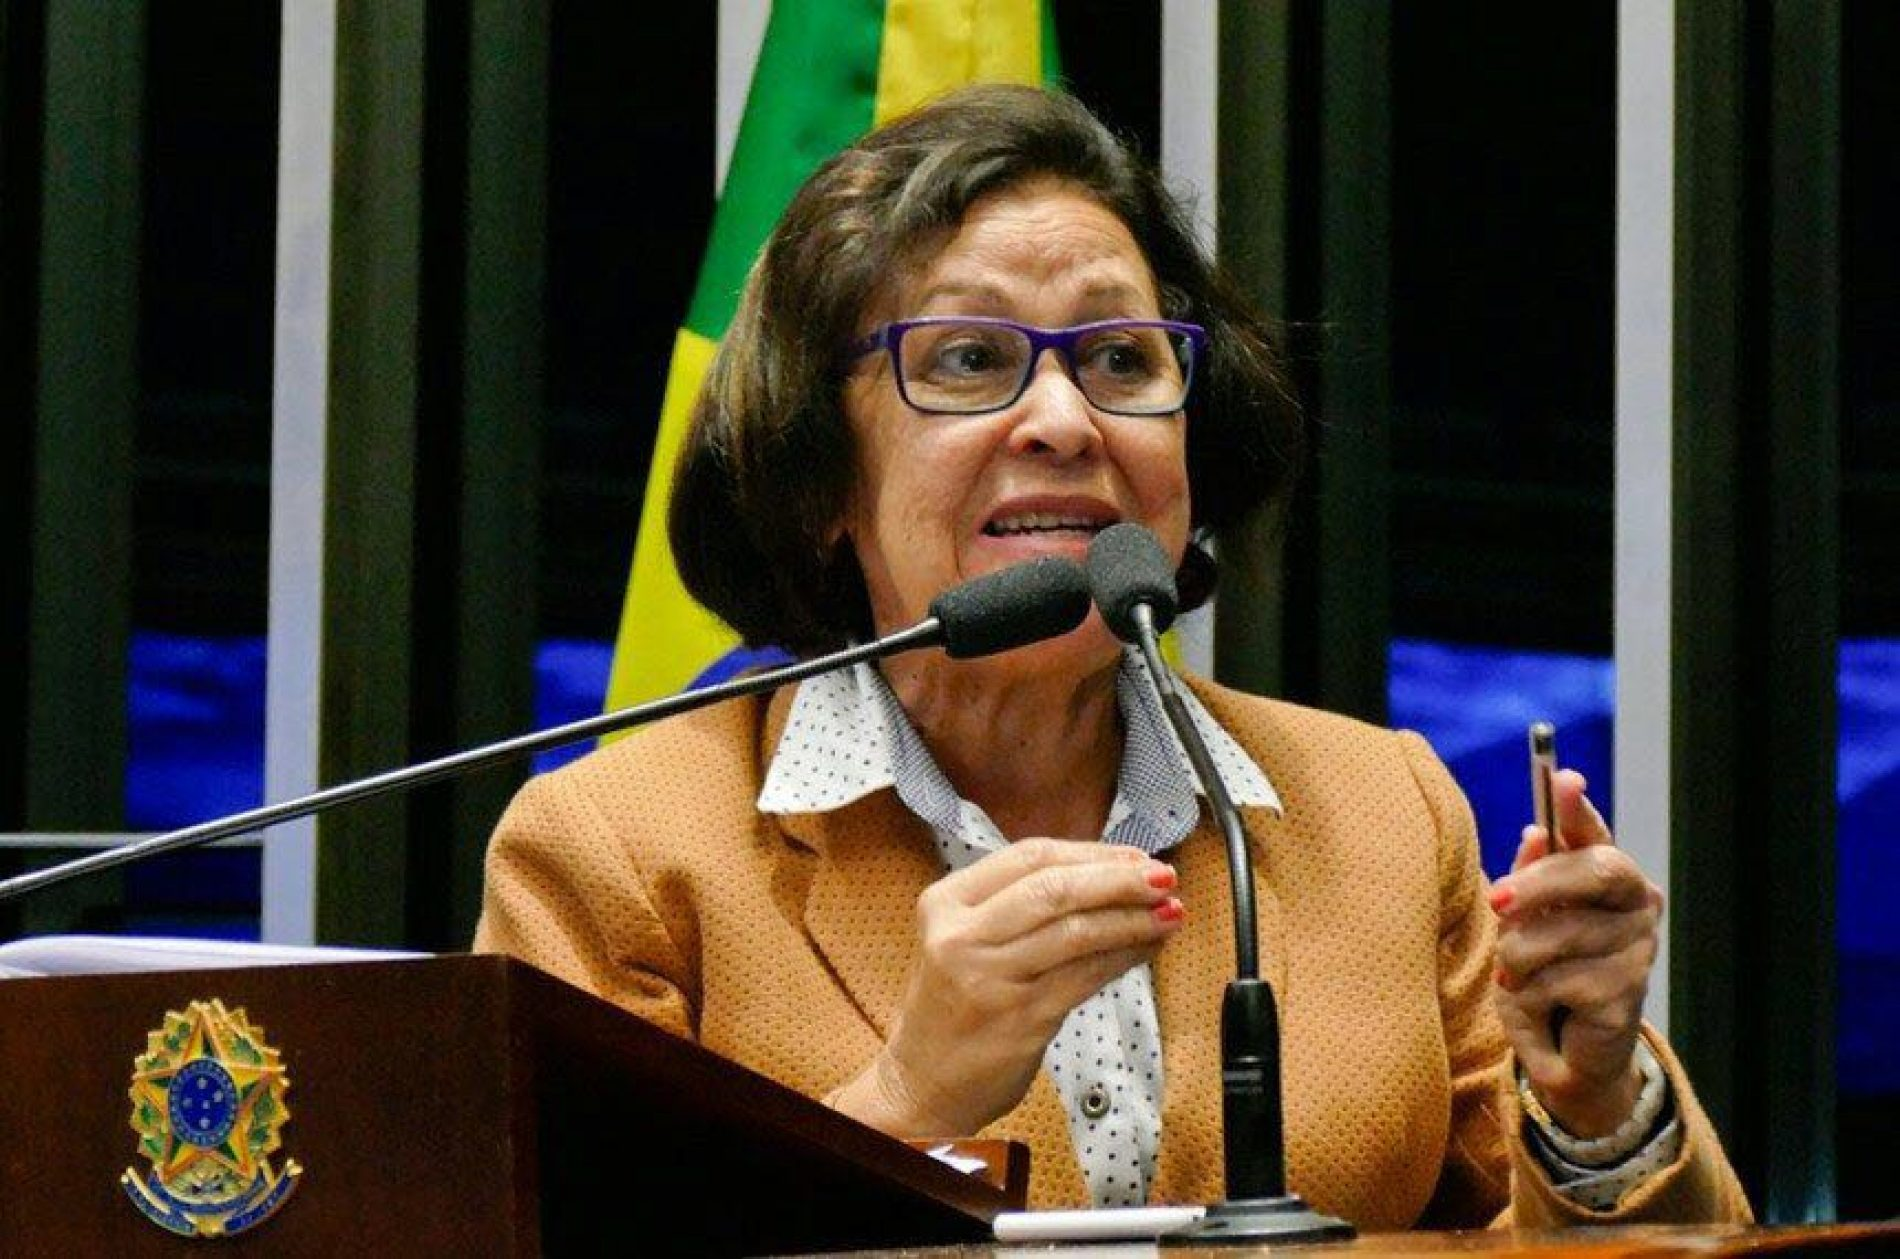 Lídice da Mata exorta Senado a buscar saídas para a crise do país